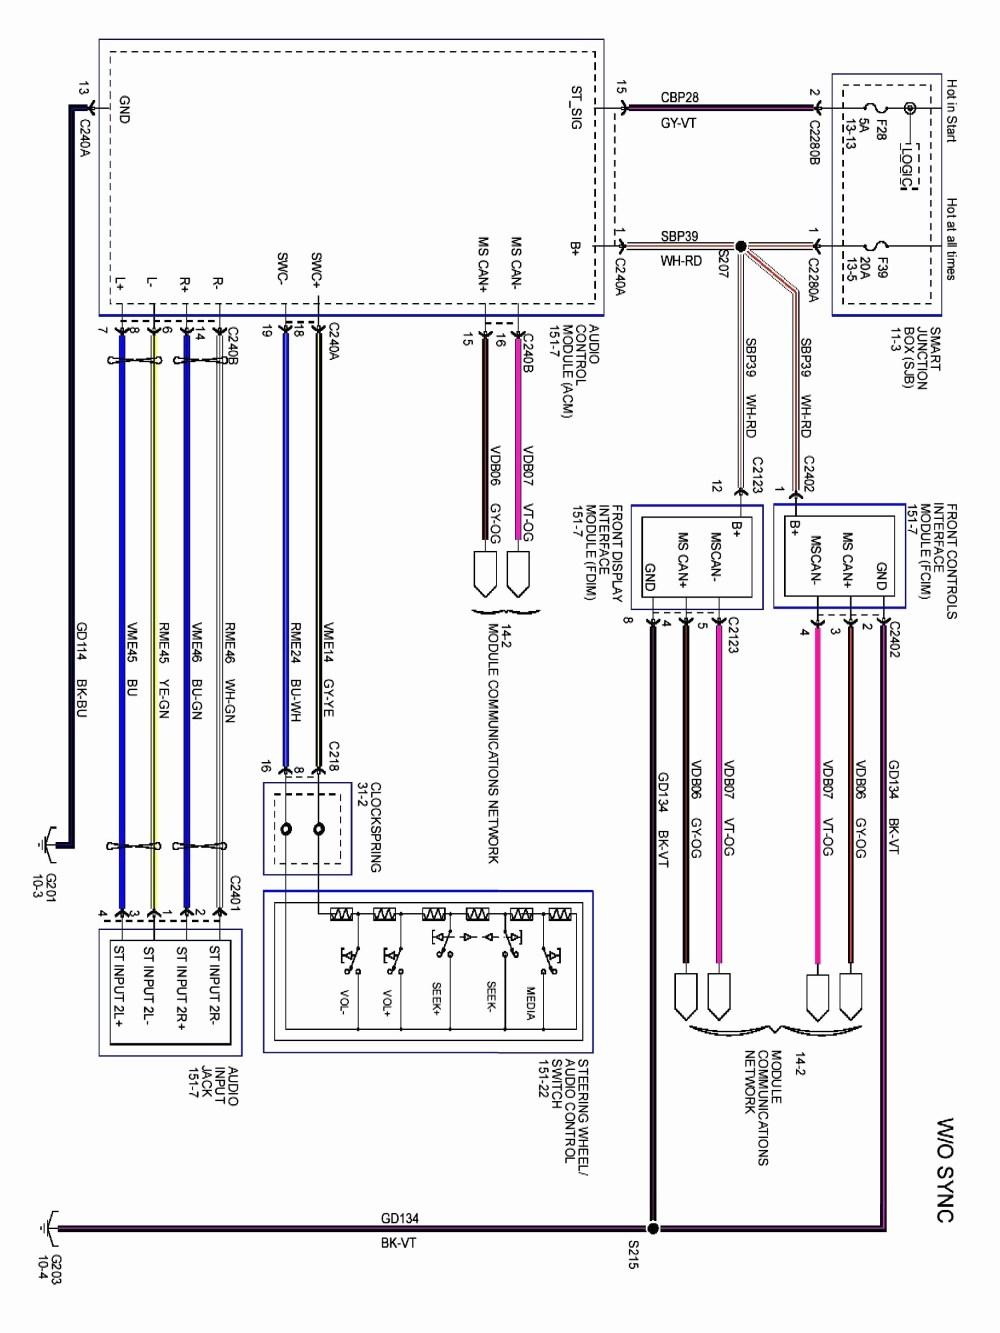 medium resolution of car clutch assembly diagram trusted wiring diagrams u2022 rh radkan co 2007 harley sportster clutch diagram